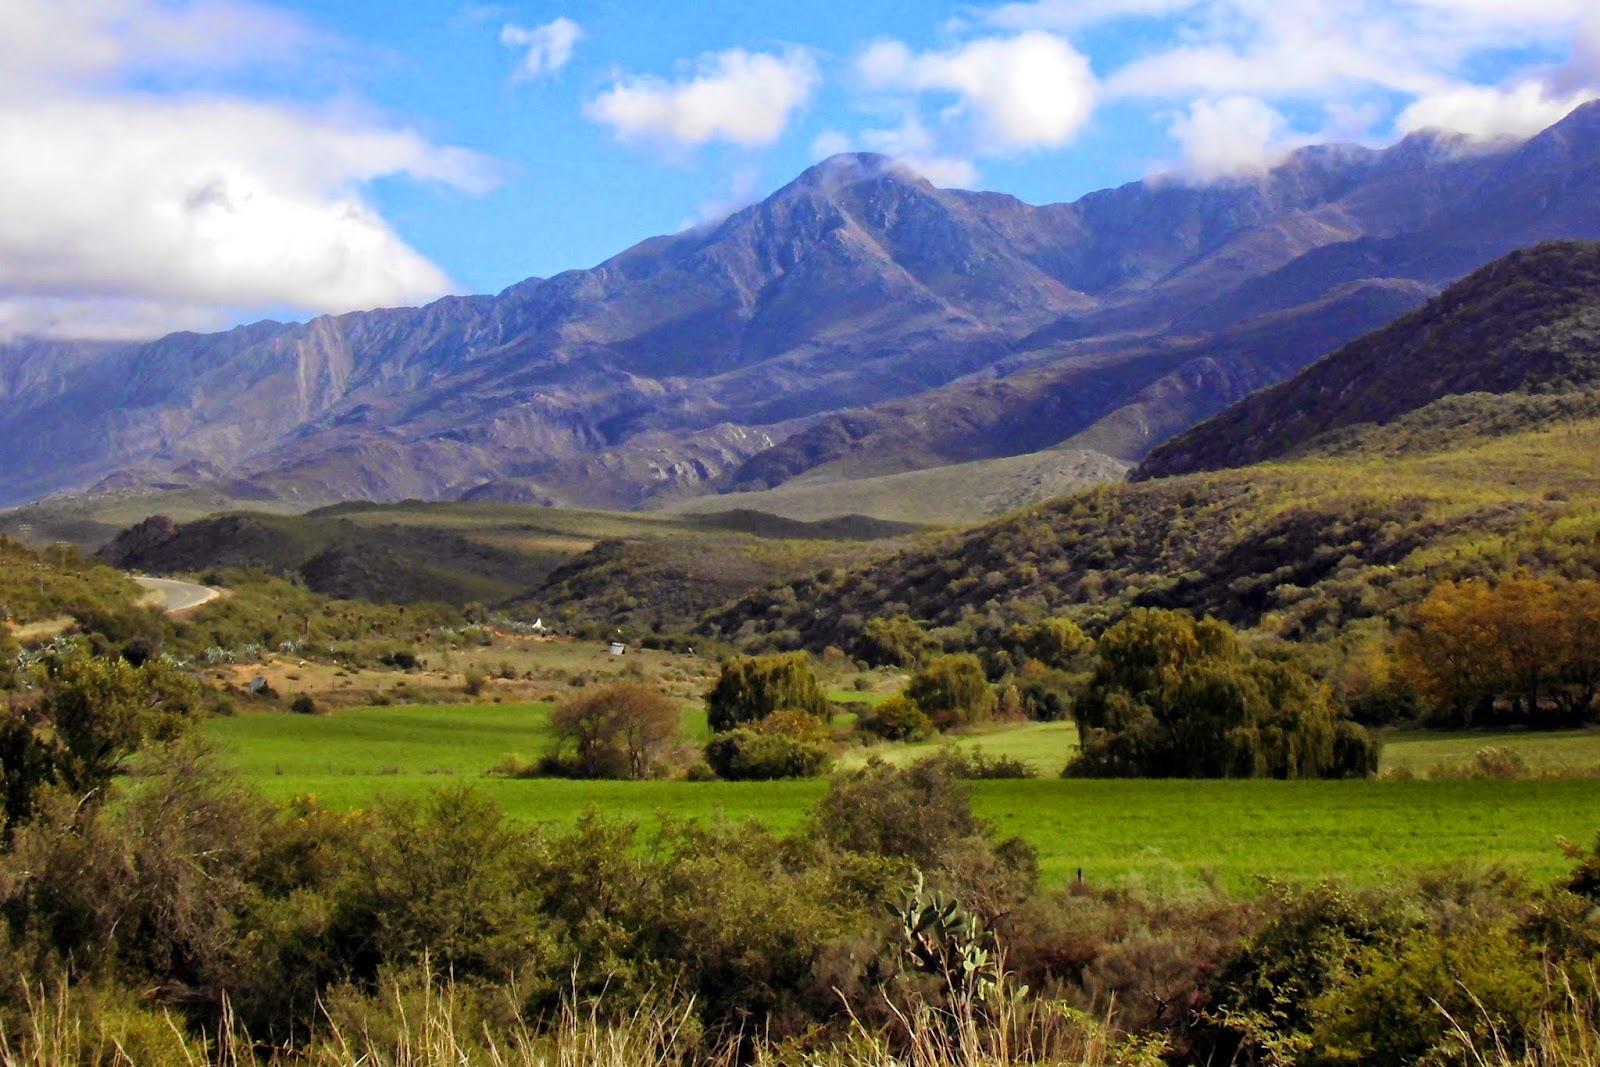 [Travel] 9 Tipps für einen Roadtrip auf der Garden Route in Südafrika